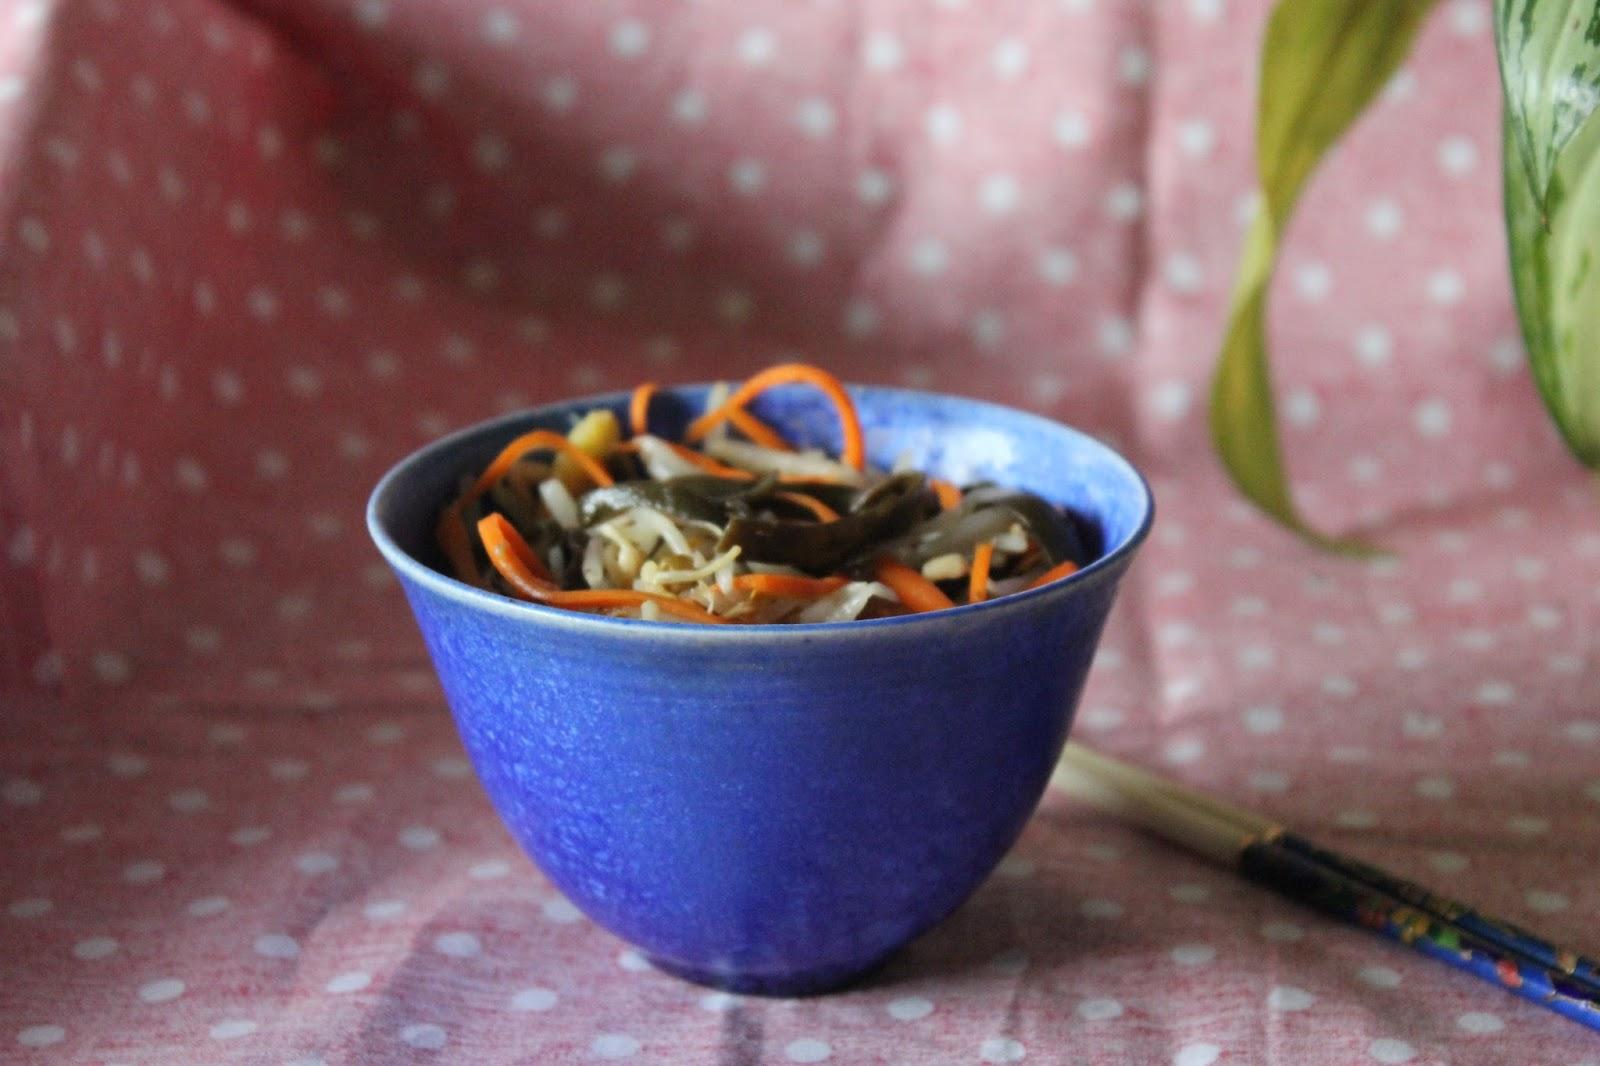 https://cuillereetsaladier.blogspot.com/2013/10/salade-chinoise-aux-algues-lacto.html